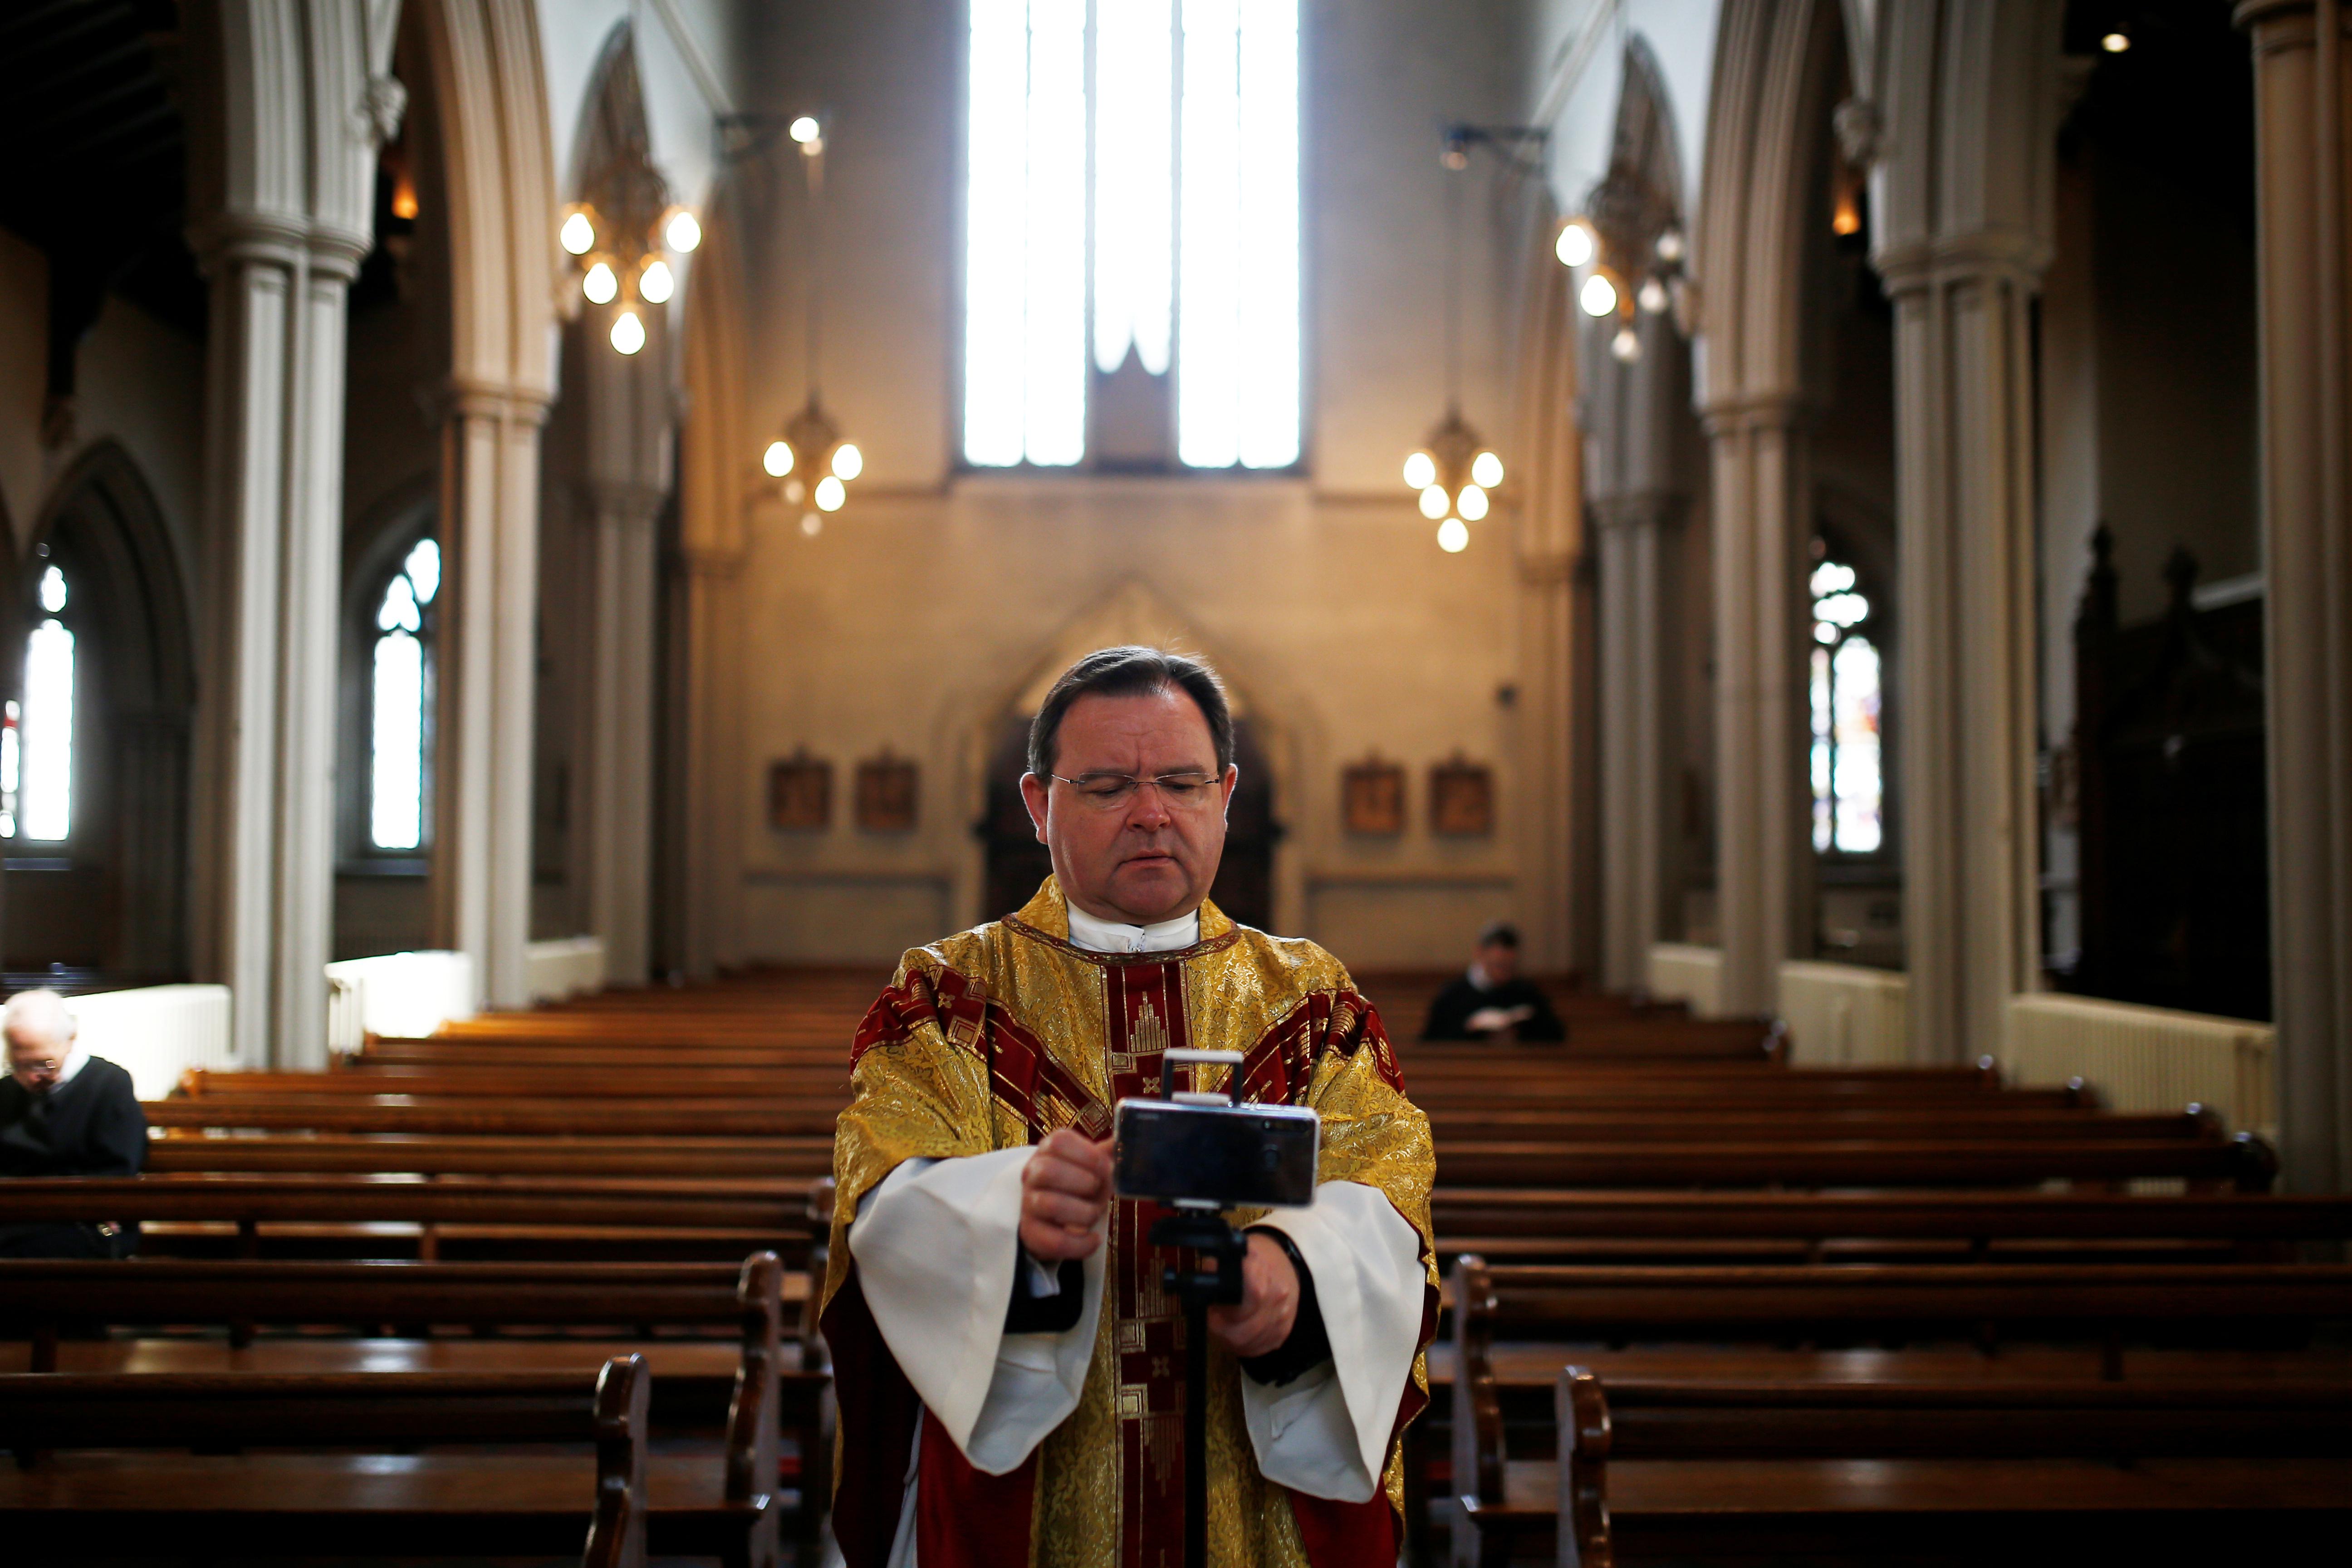 REINO UNIDO - En Londres el padre Richard Reid organizó la misa de Pascuas vía streaming